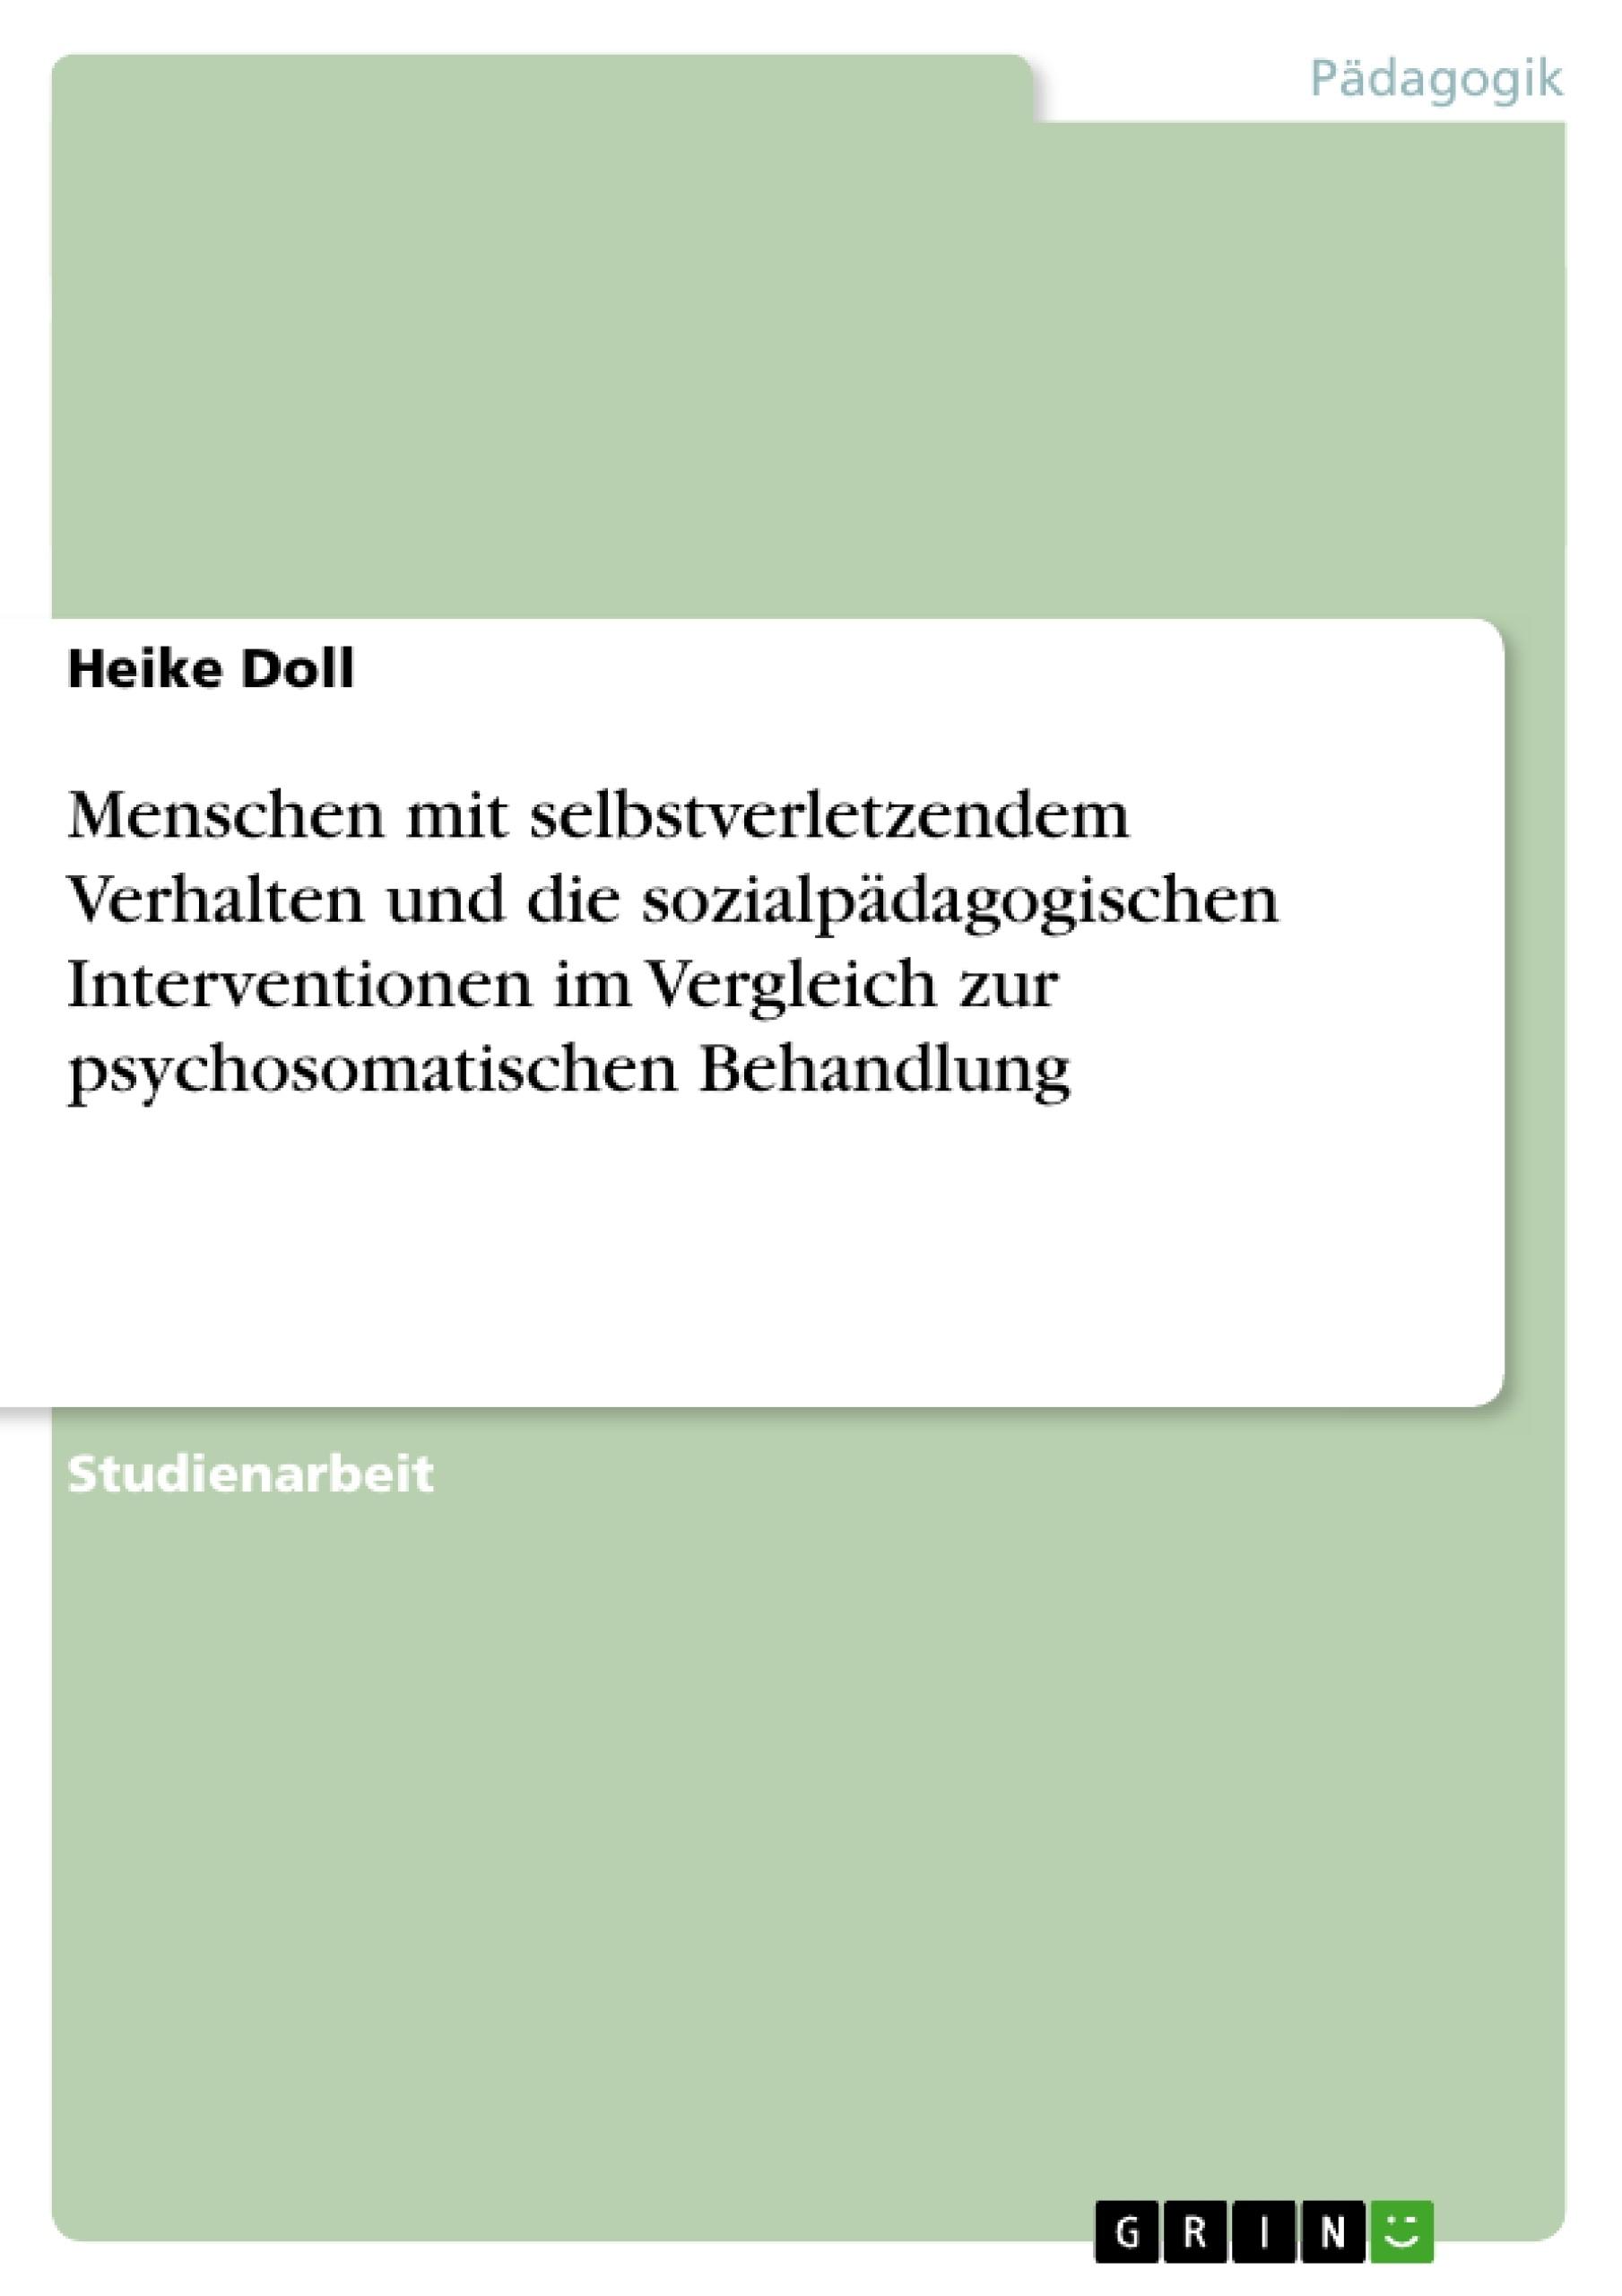 Titel: Menschen mit selbstverletzendem Verhalten und die sozialpädagogischen Interventionen im Vergleich zur psychosomatischen Behandlung